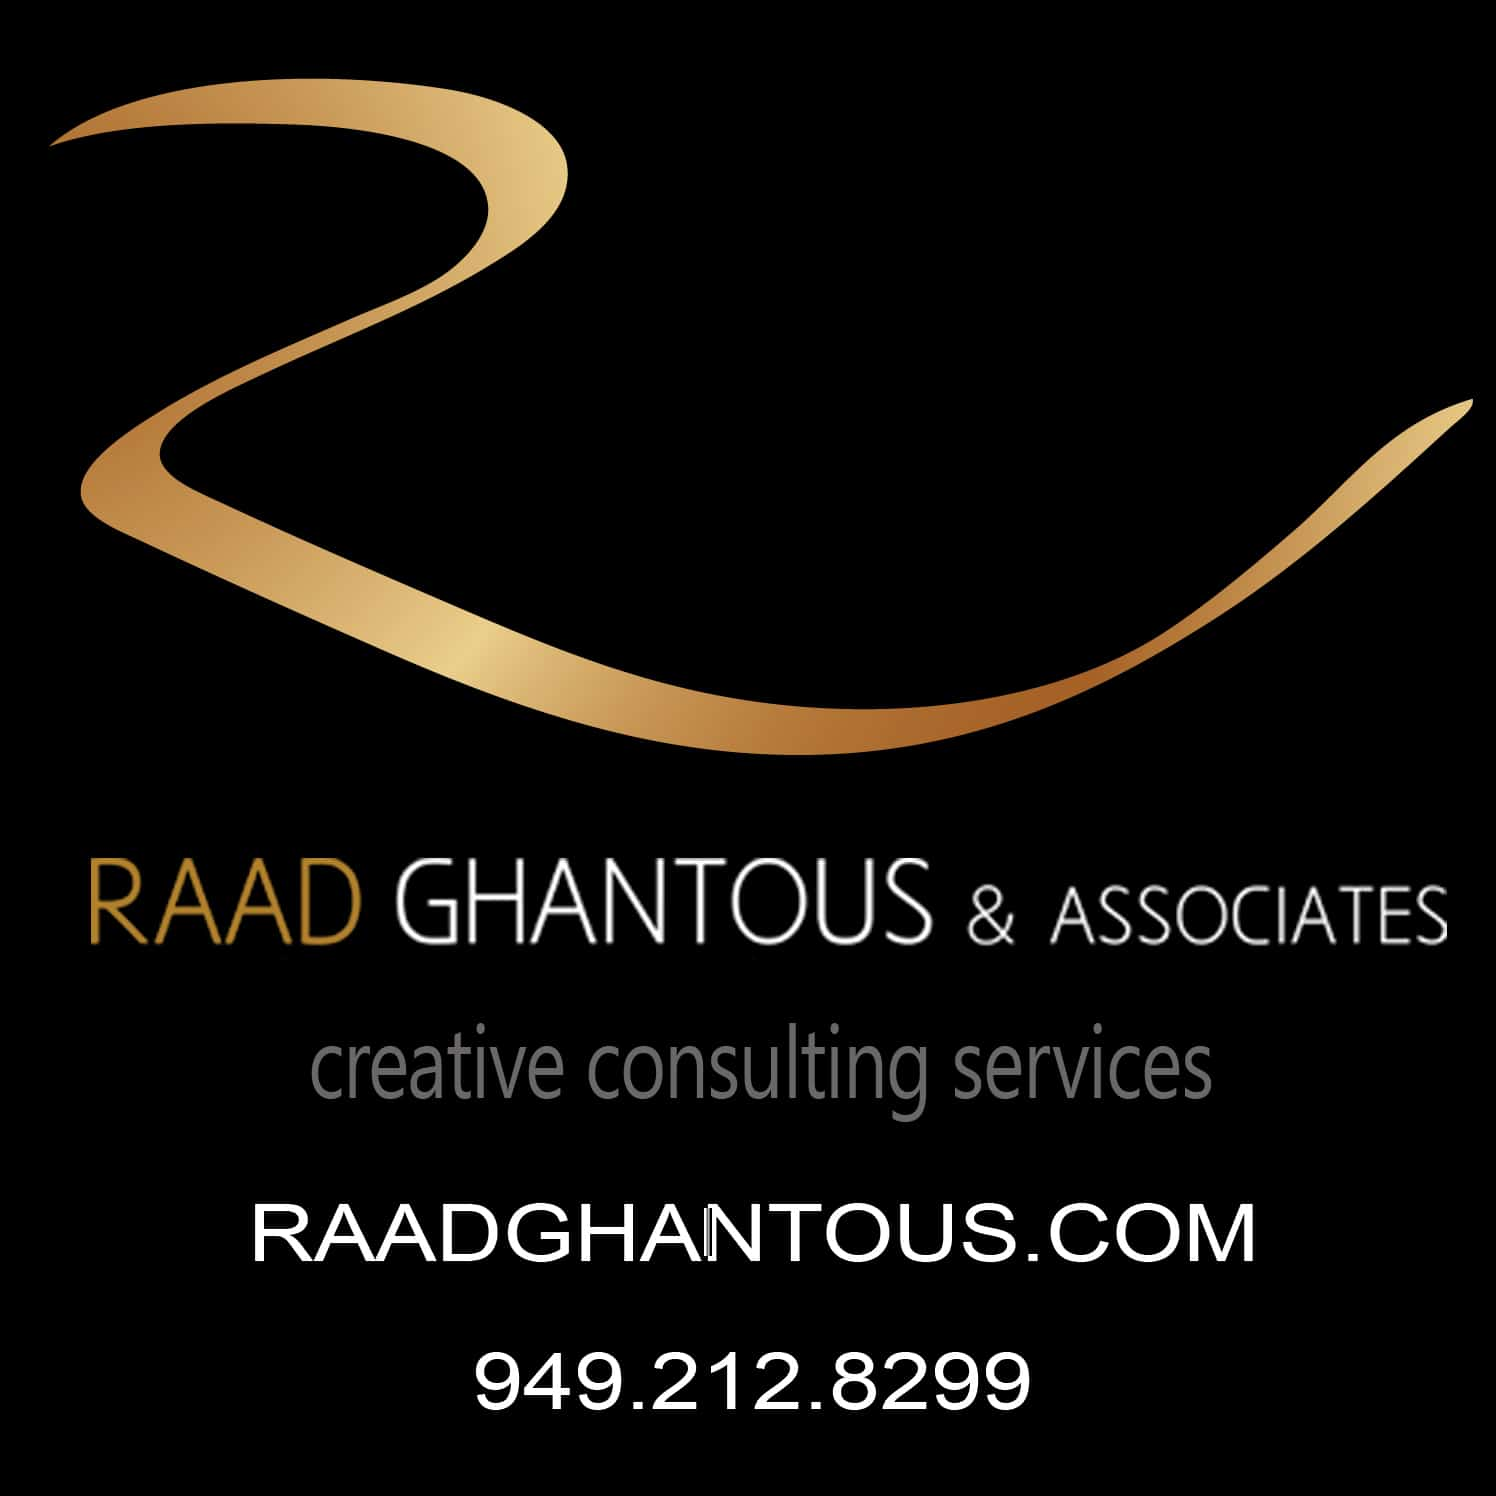 Raad Ghantous & Associates